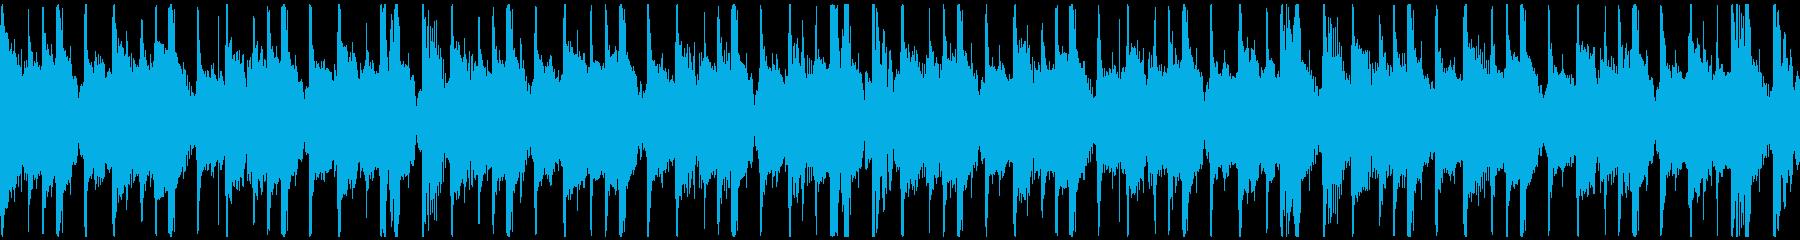 トロピカル・おしゃれ・チルアウトループの再生済みの波形